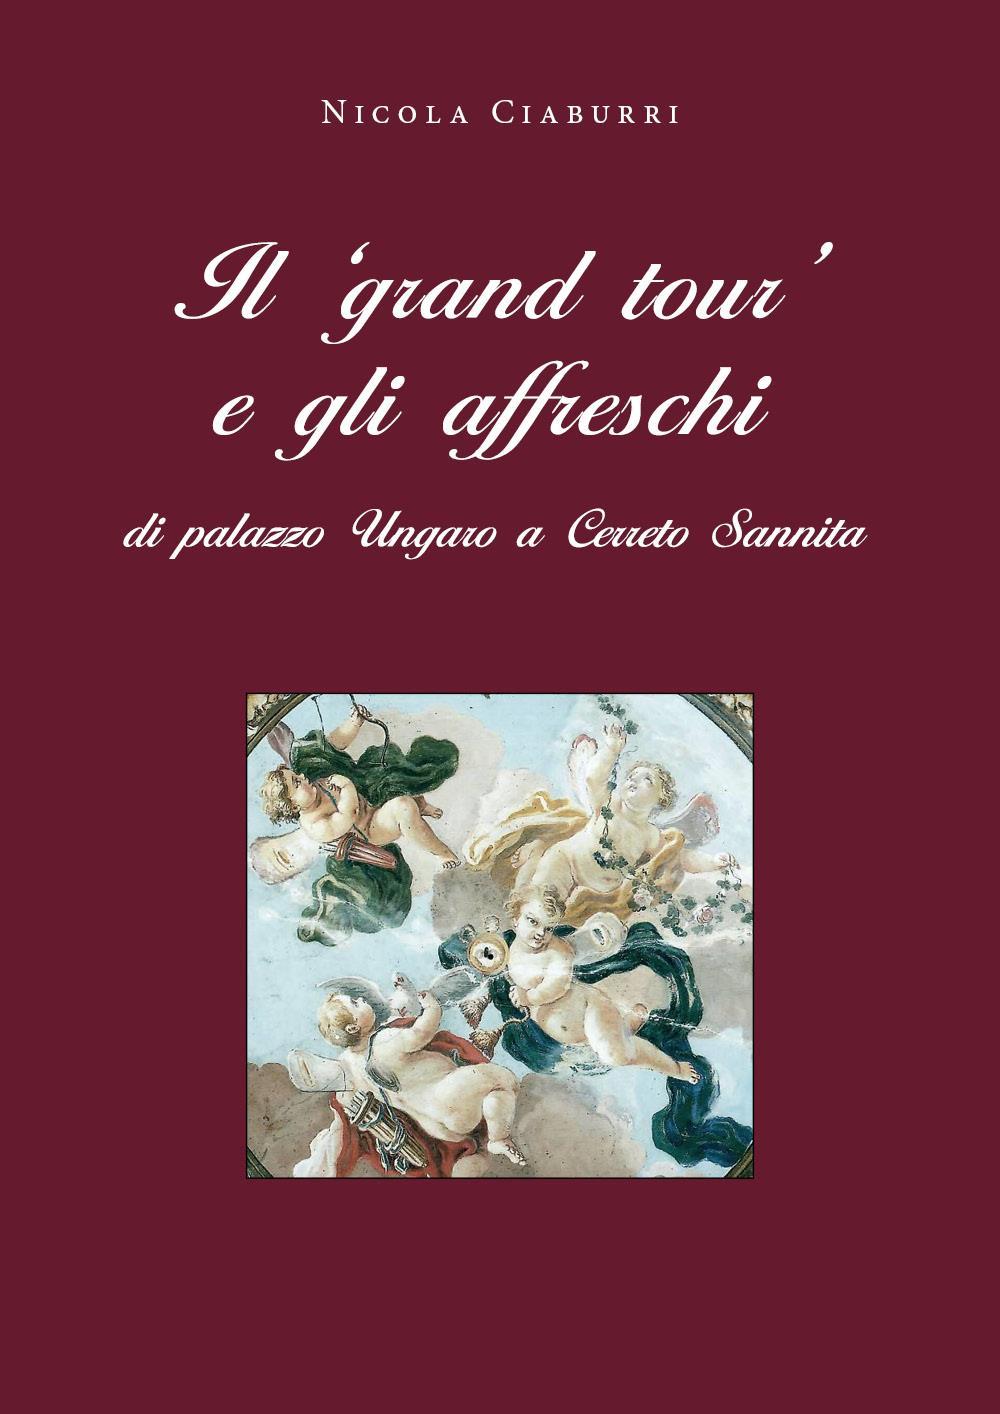 Il 'grand tour' e gli affreschi di palazzo Ungaro a Cerreto Sannita